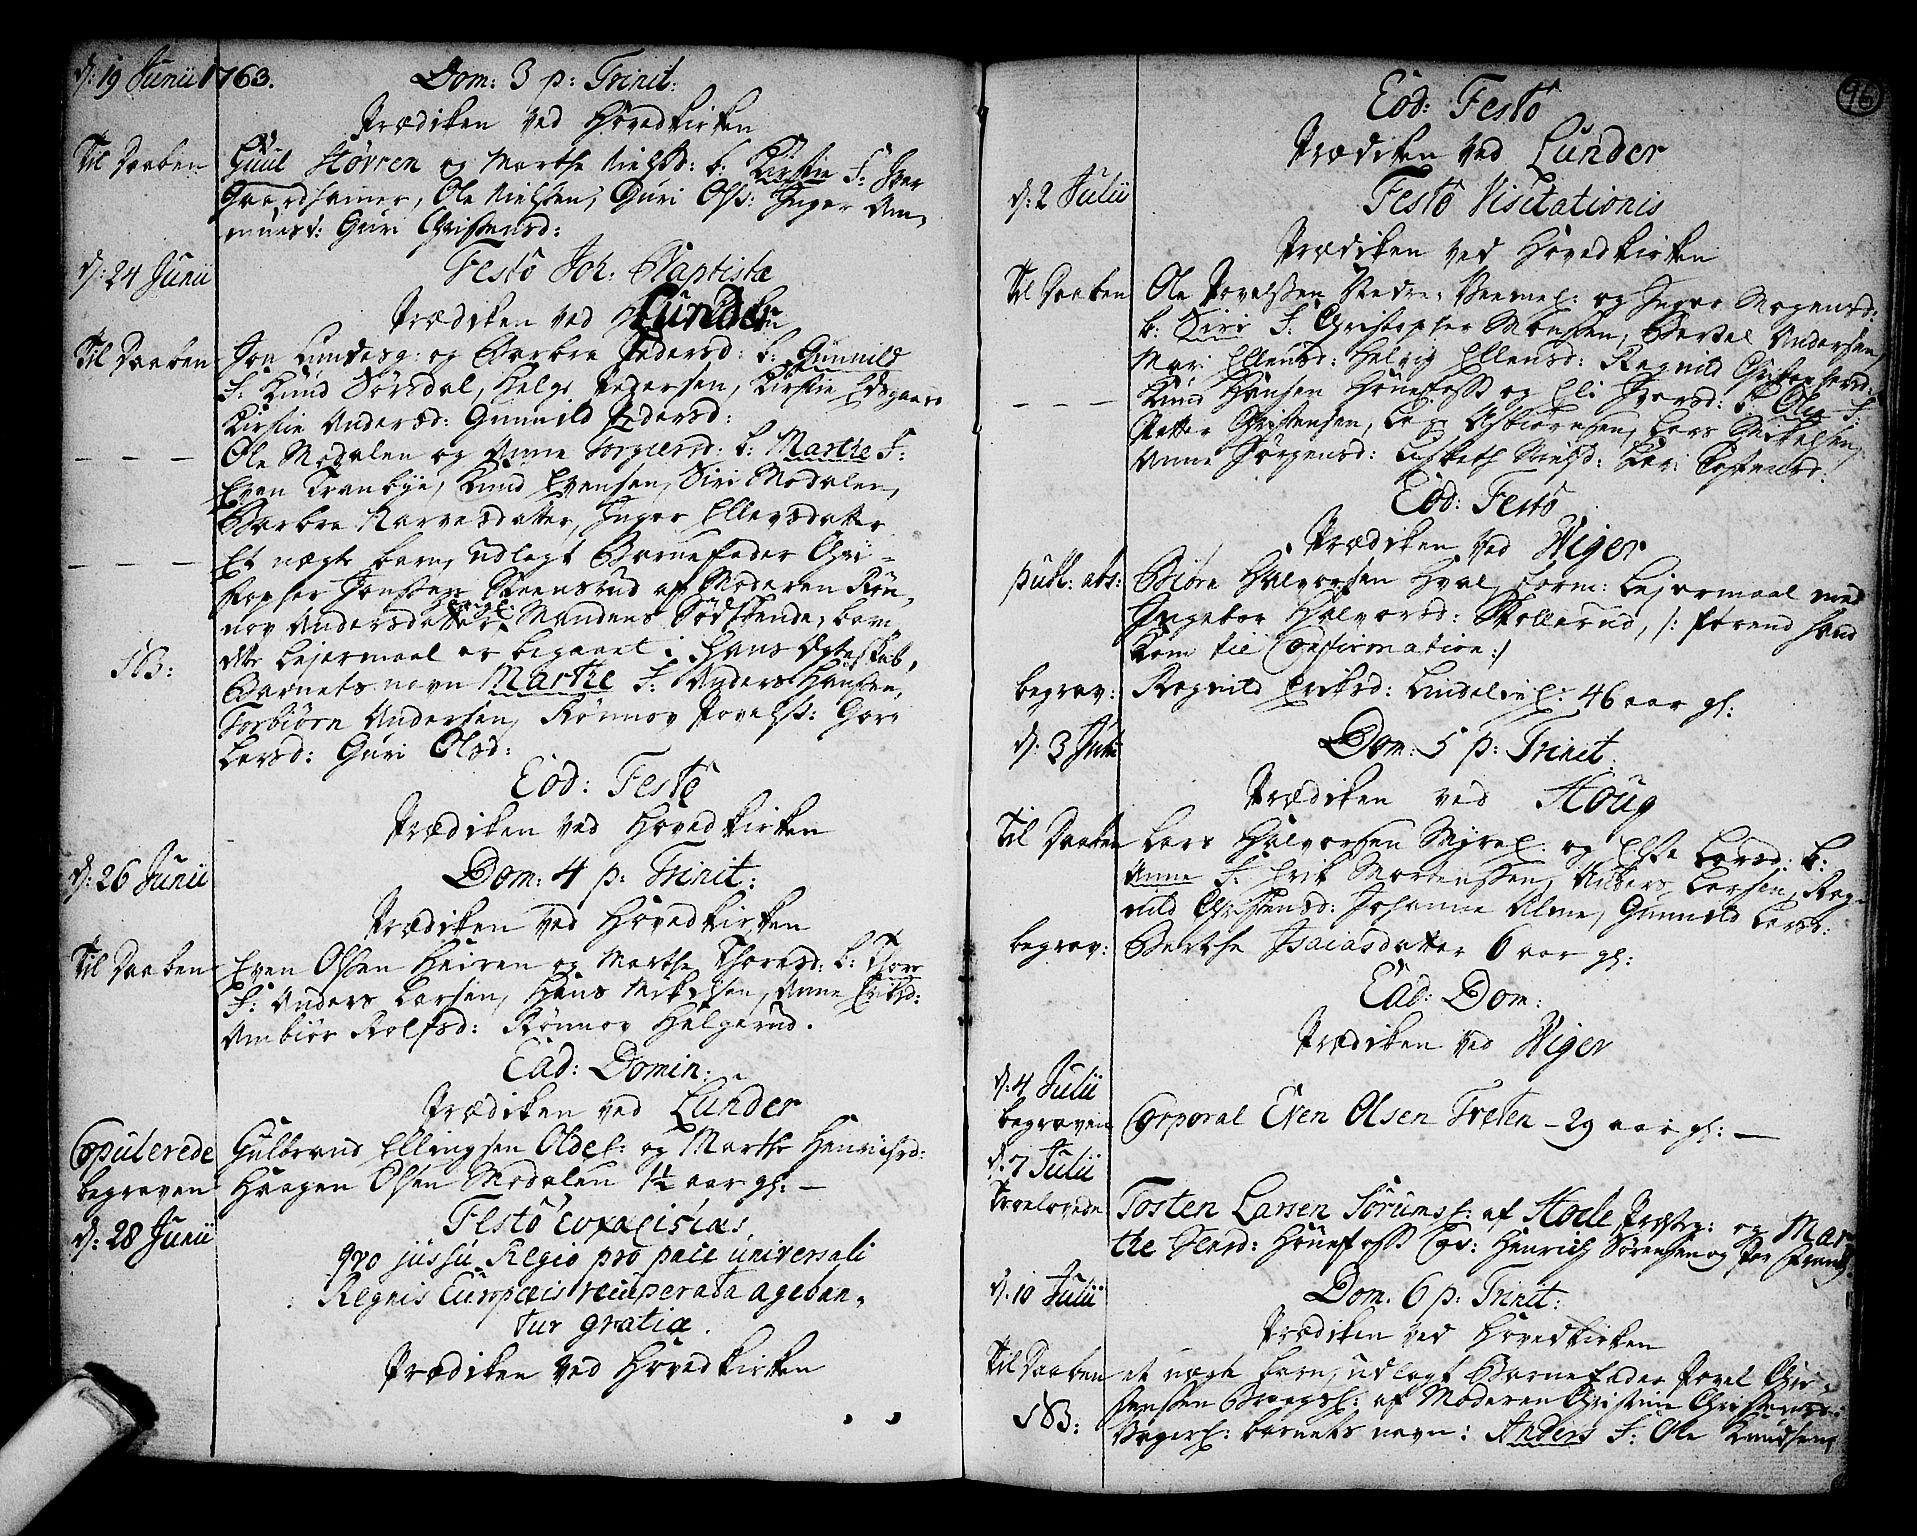 SAKO, Norderhov kirkebøker, F/Fa/L0004: Ministerialbok nr. 4, 1758-1774, s. 96